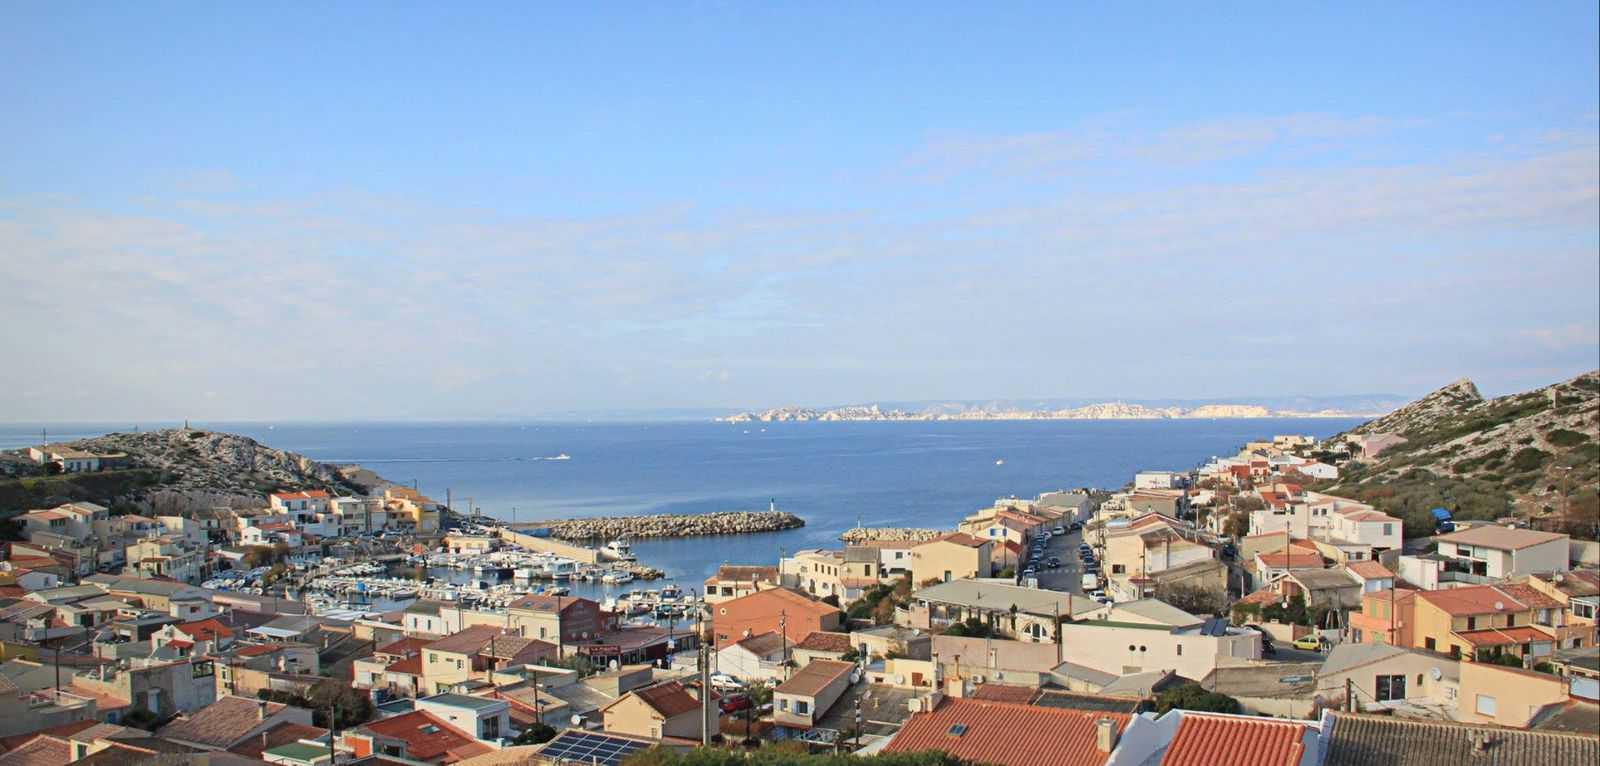 Callelongue, Découvrez le bout du monde à la Calanque de Callelongue, Made in Marseille